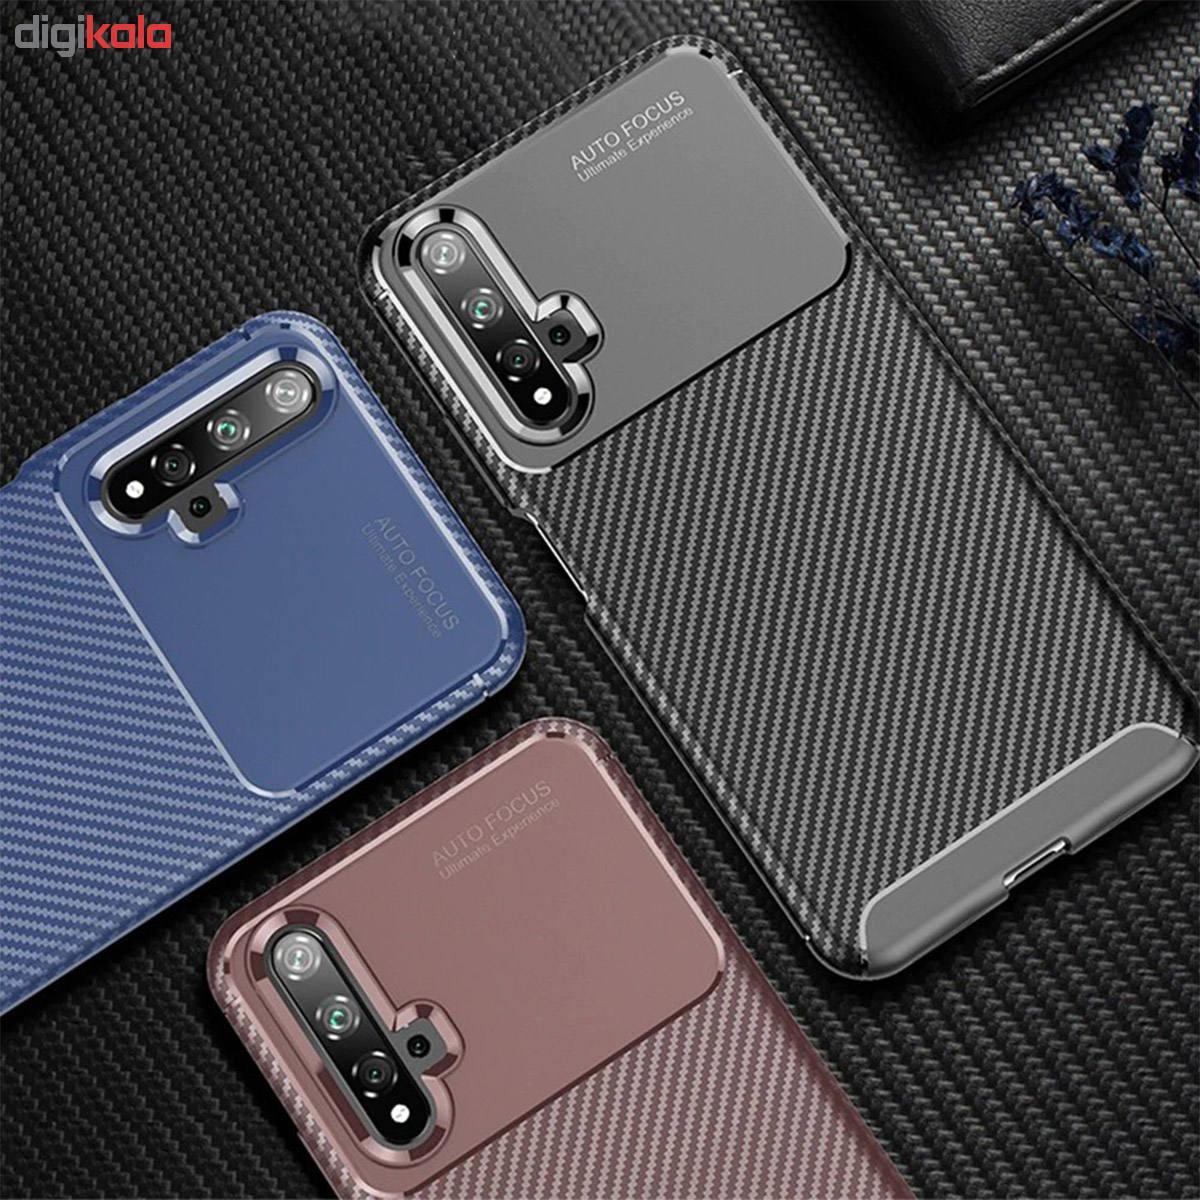 کاور لاین کینگ مدل A21 مناسب برای گوشی موبایل هوآوی Nova 5T thumb 2 23